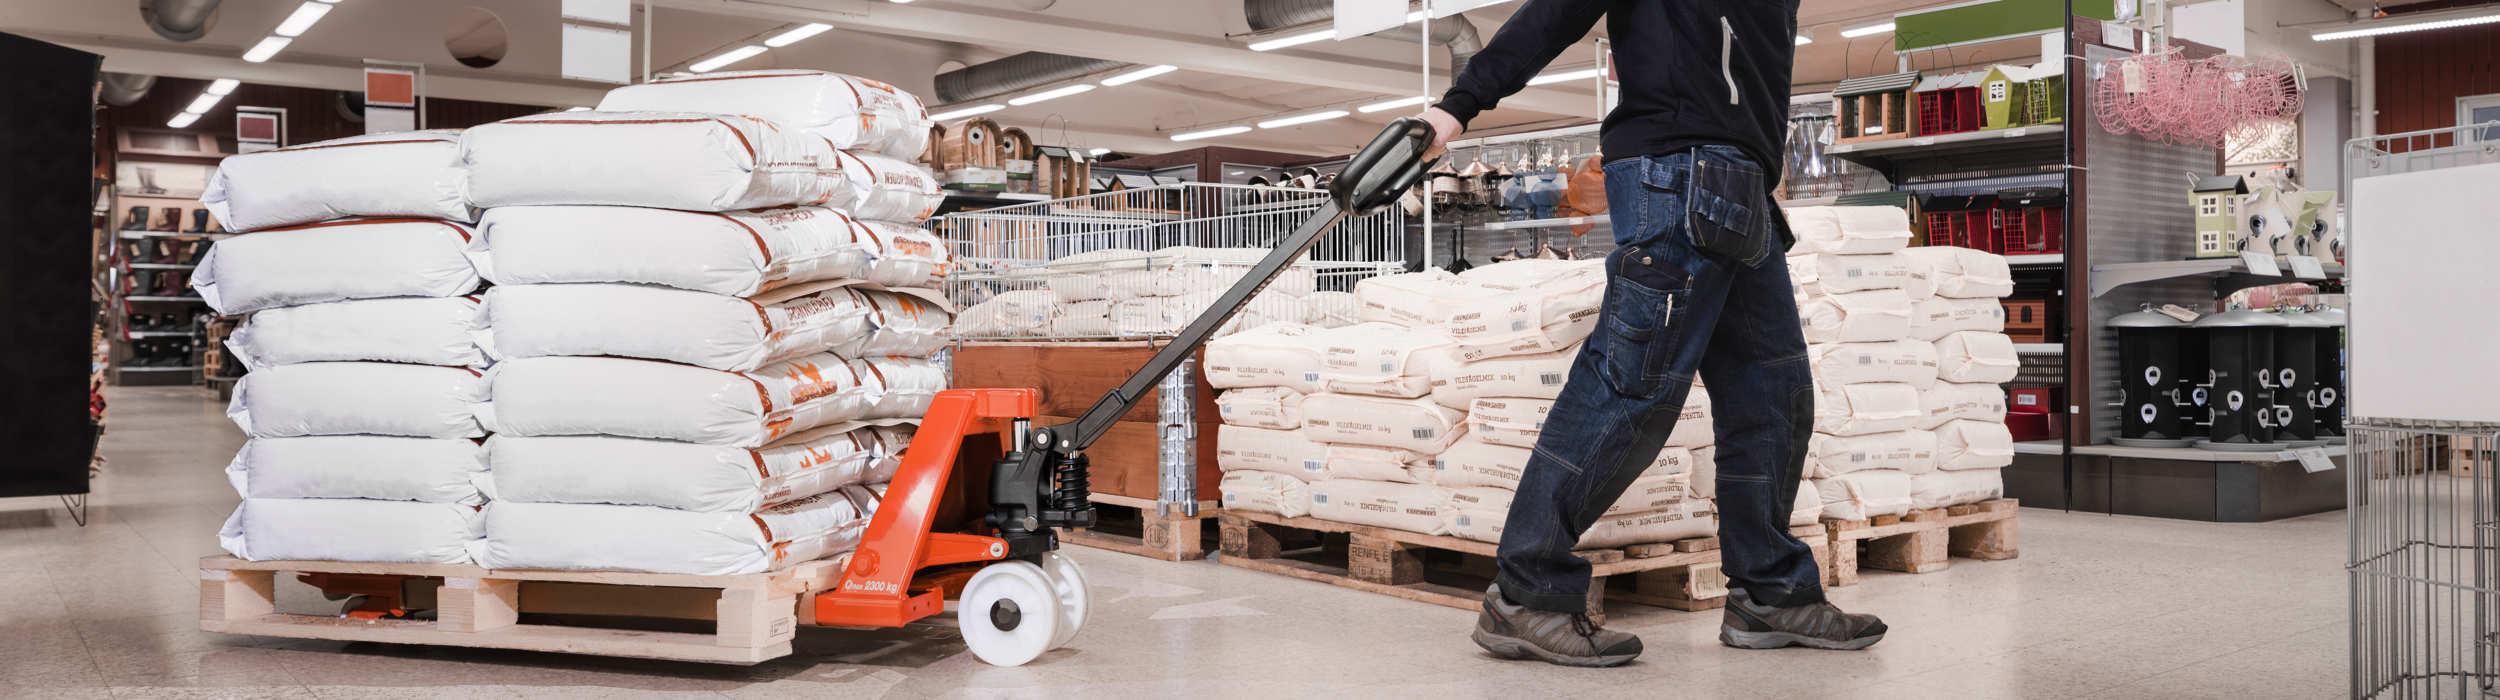 transpaleta manual moviendo mercancías en un supermercado